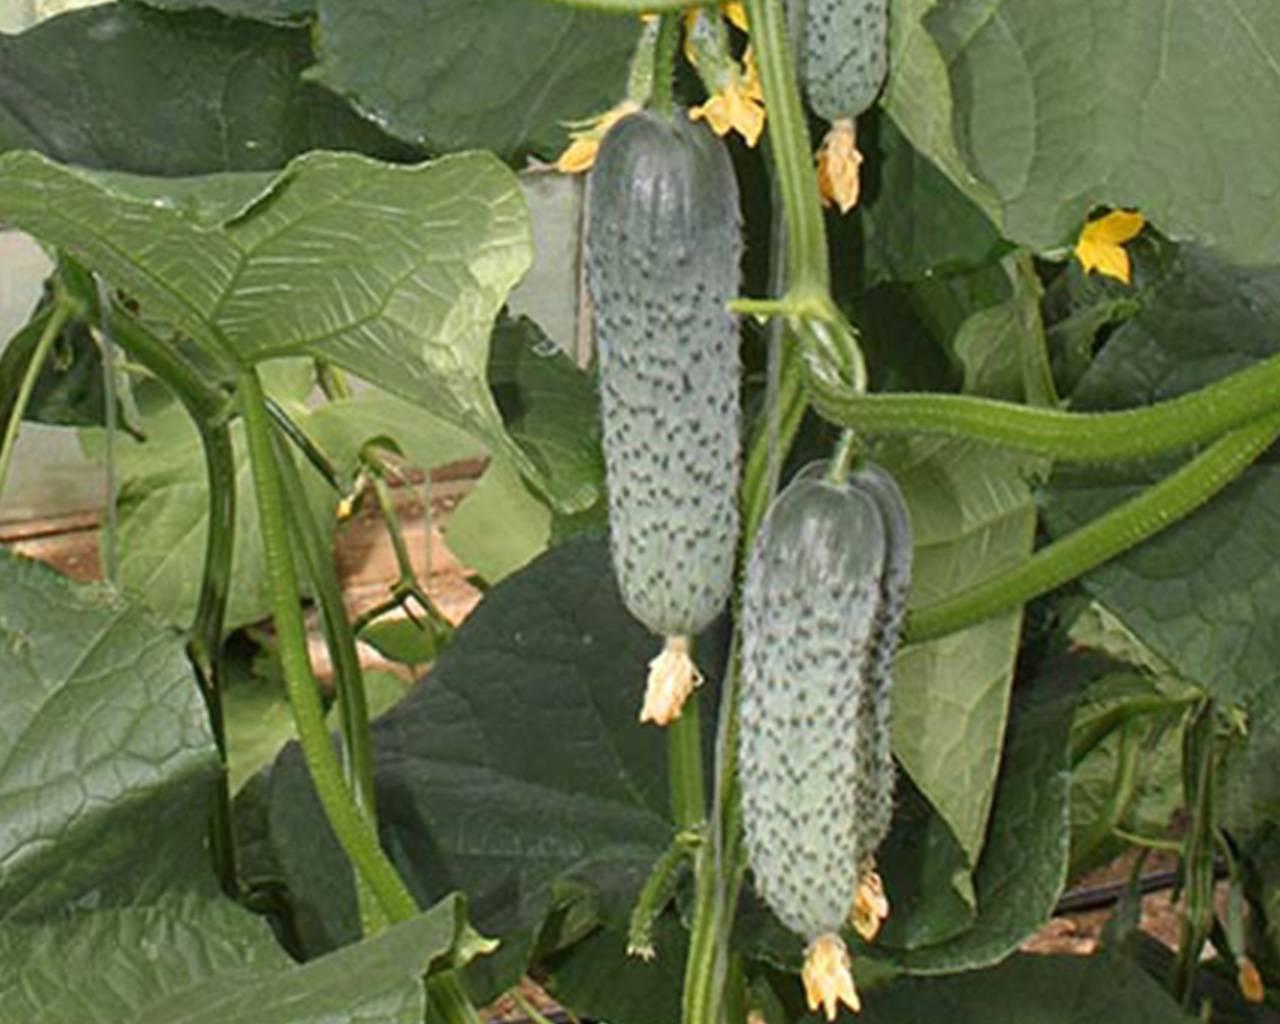 Об огурце Каролина: описание сорта, характеристики, технология выращивания